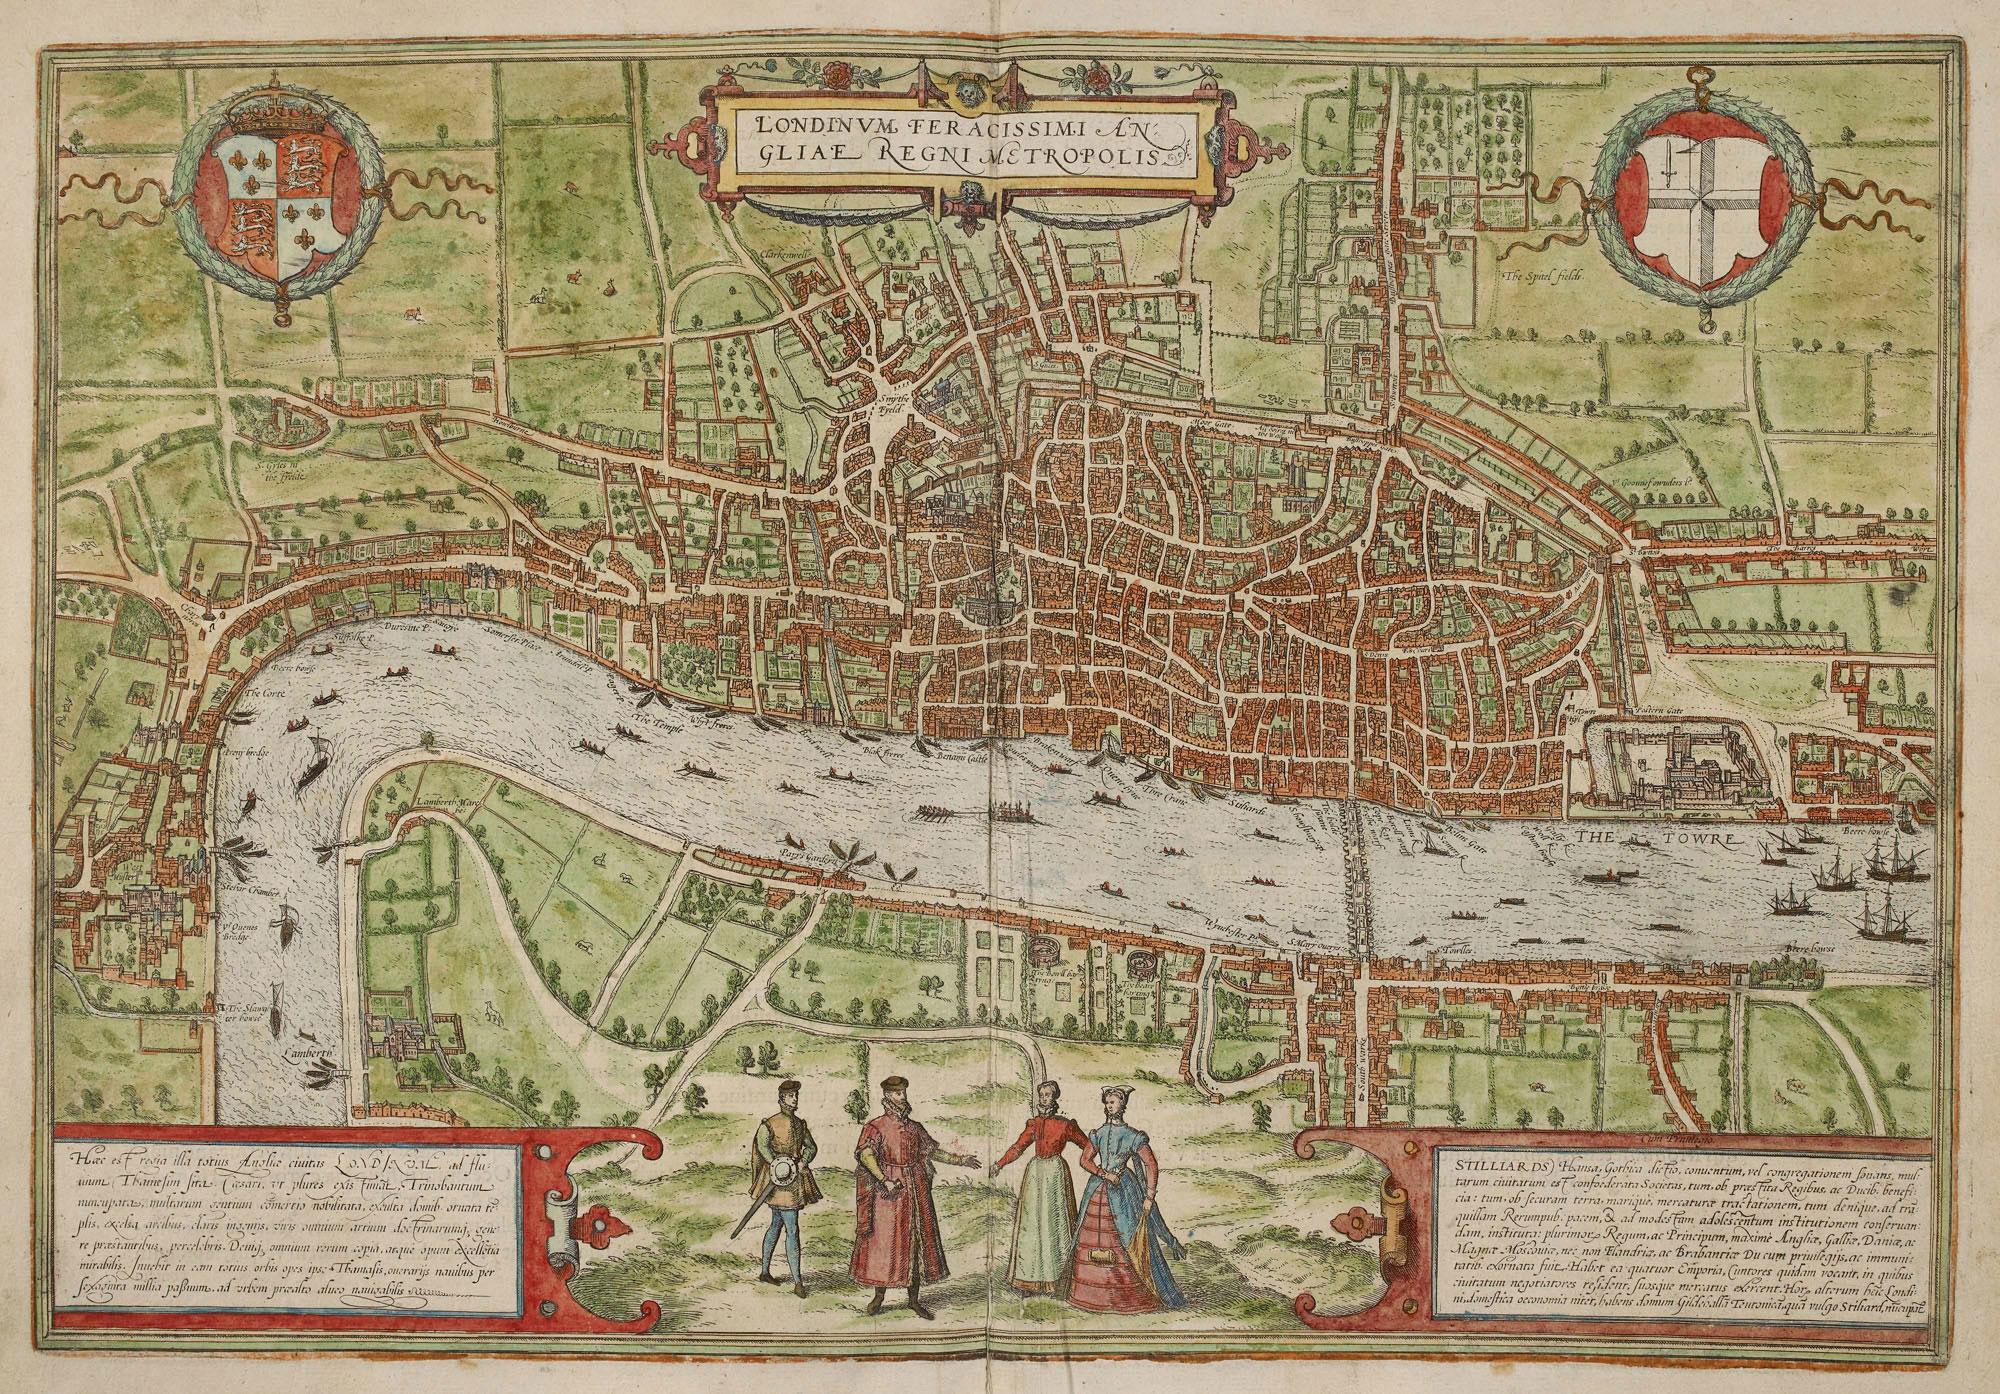 View of London in Civitates Orbis Terrarum, British Library